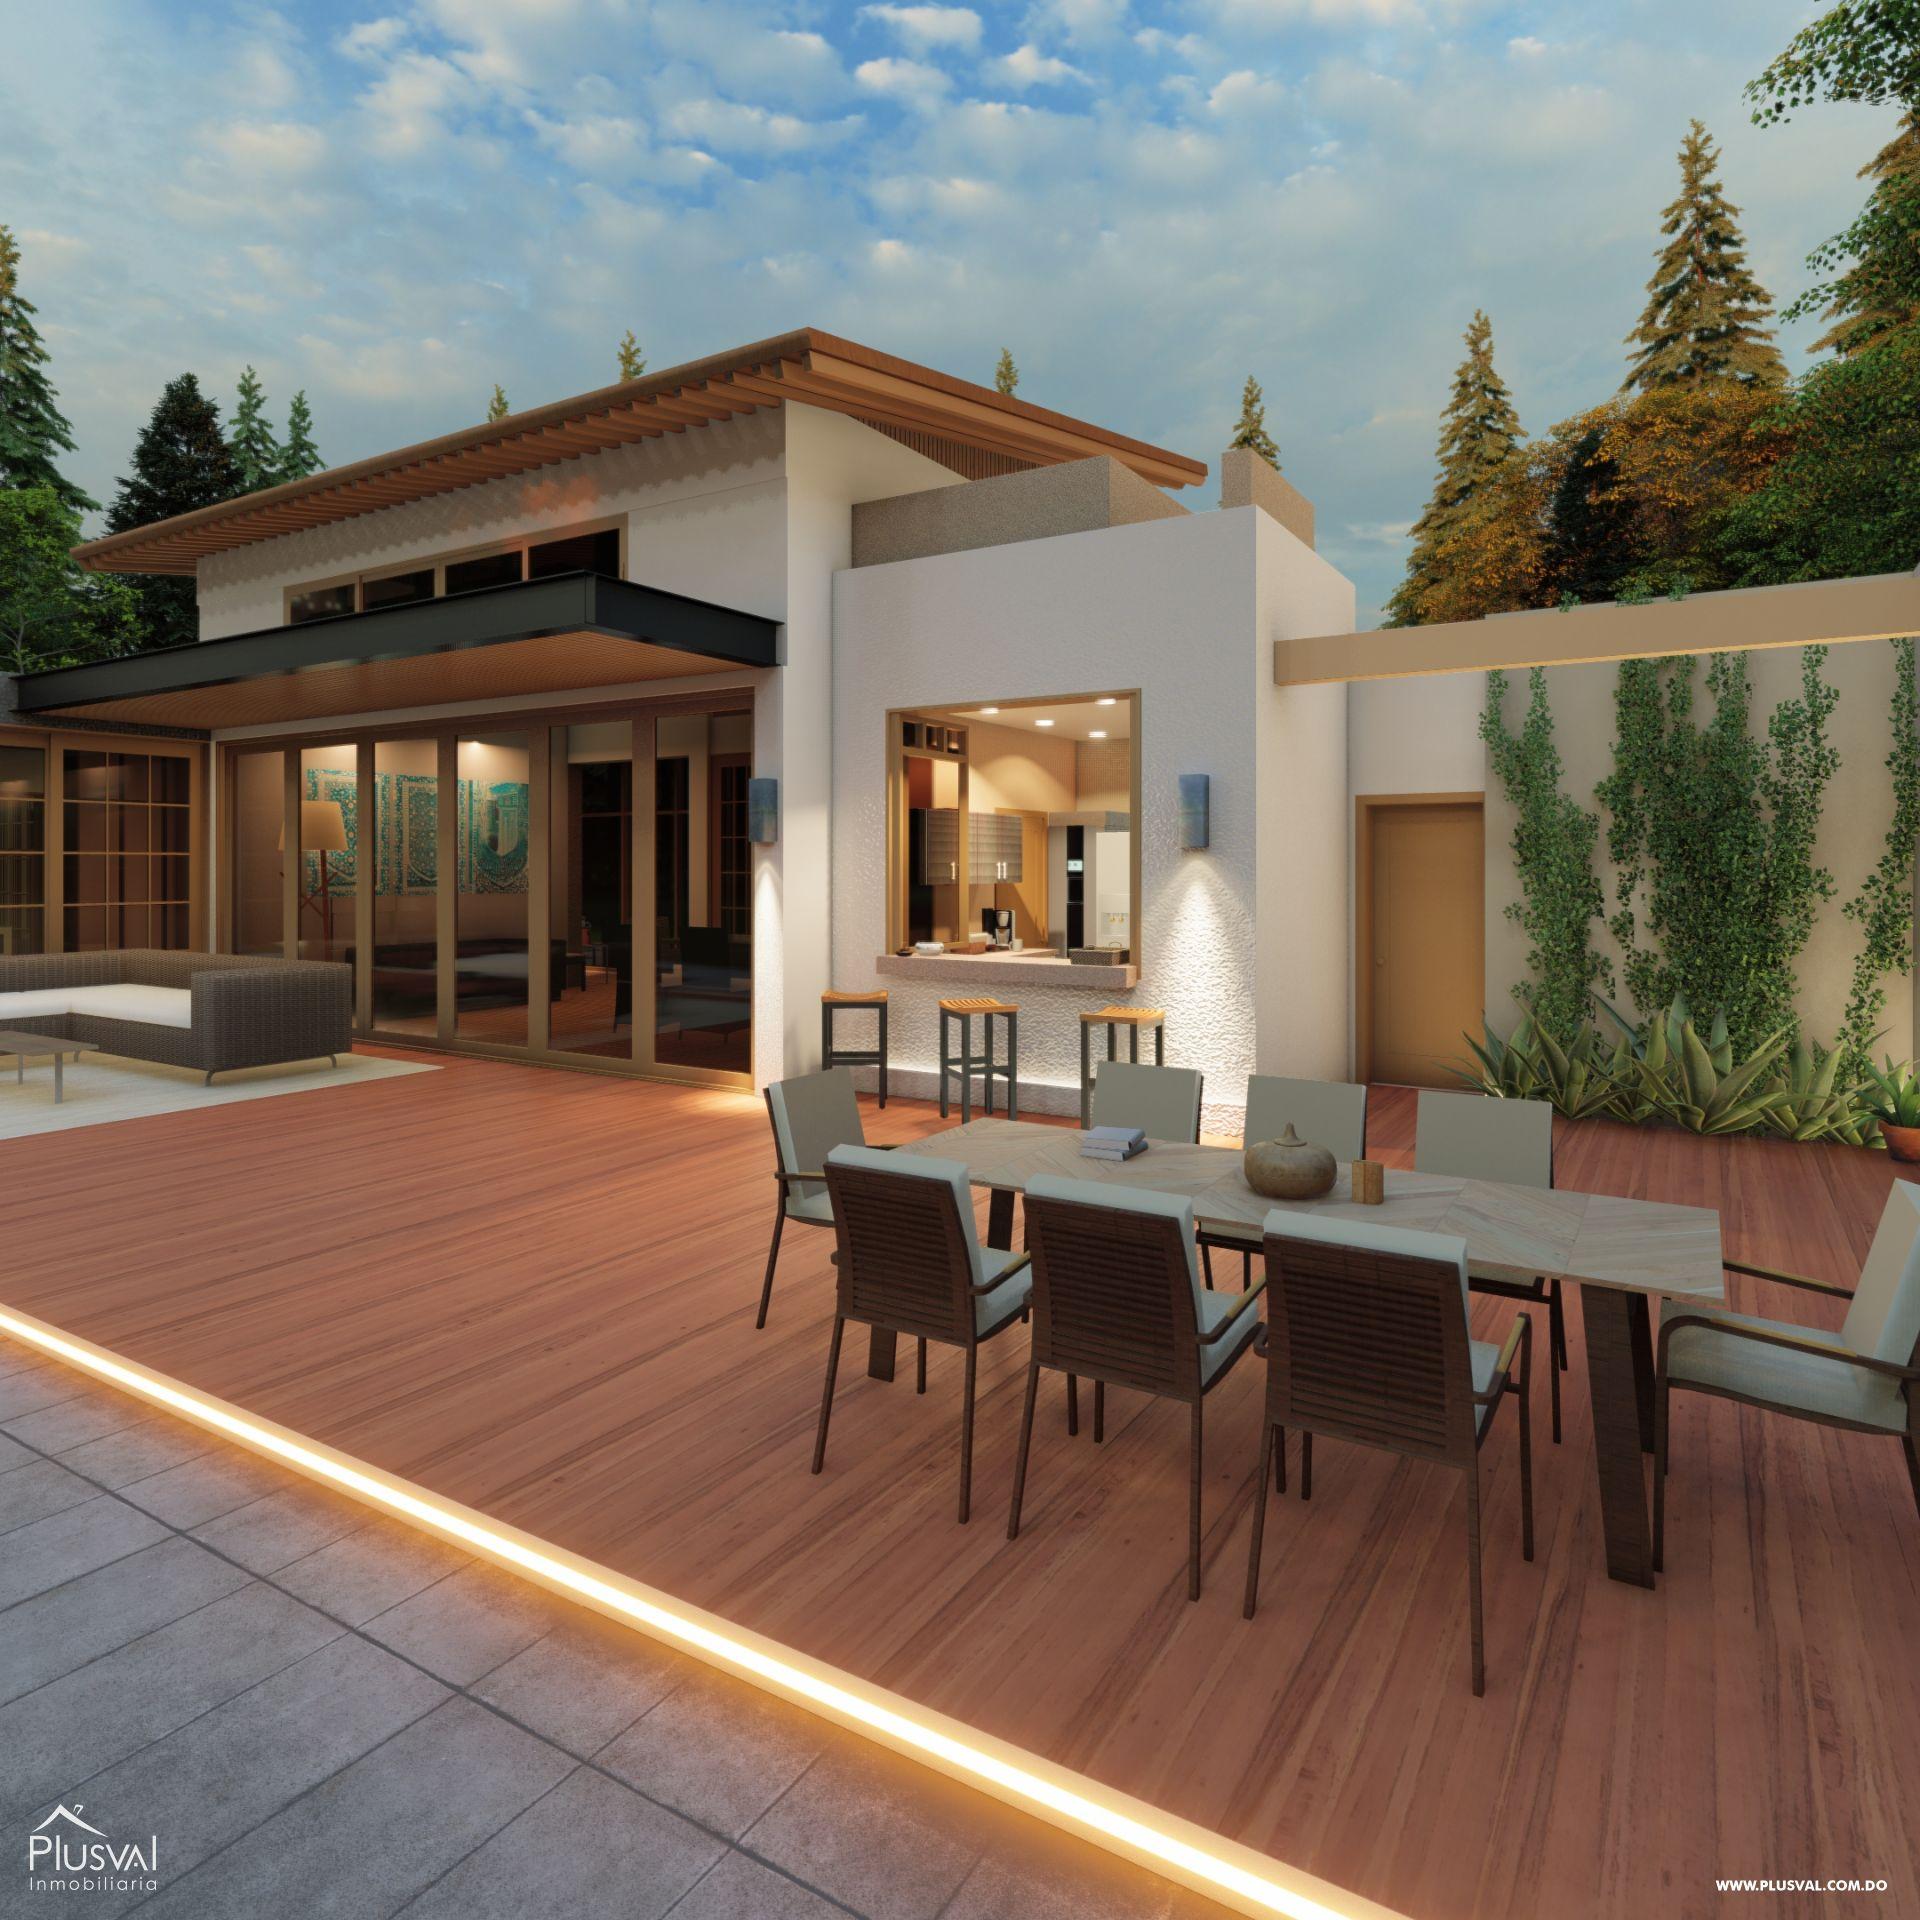 Villas en Jarabacoa con excelente diseño e inmejorable ubicación 159097